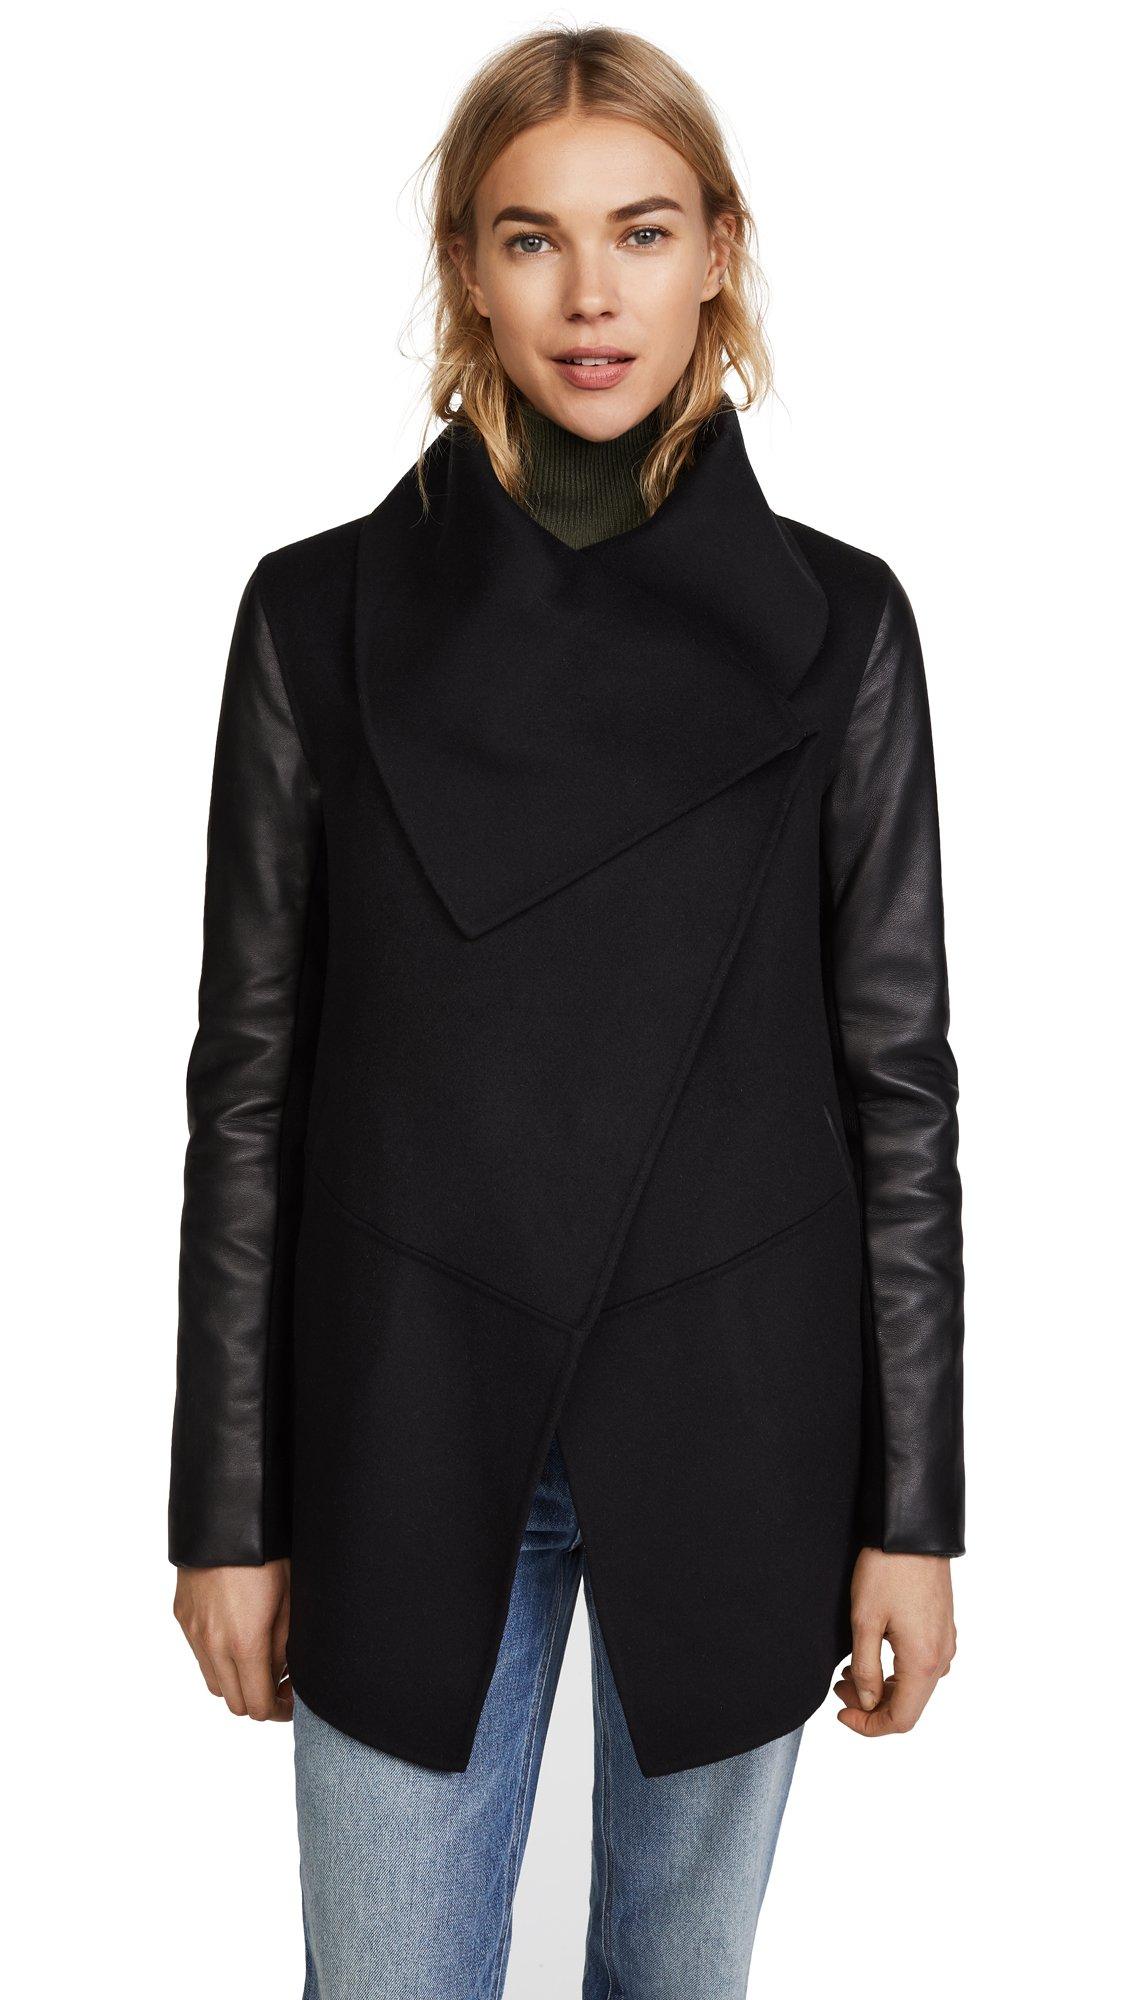 Mackage Women's Vane Wool Jacket With Leather Sleeves, Black, L